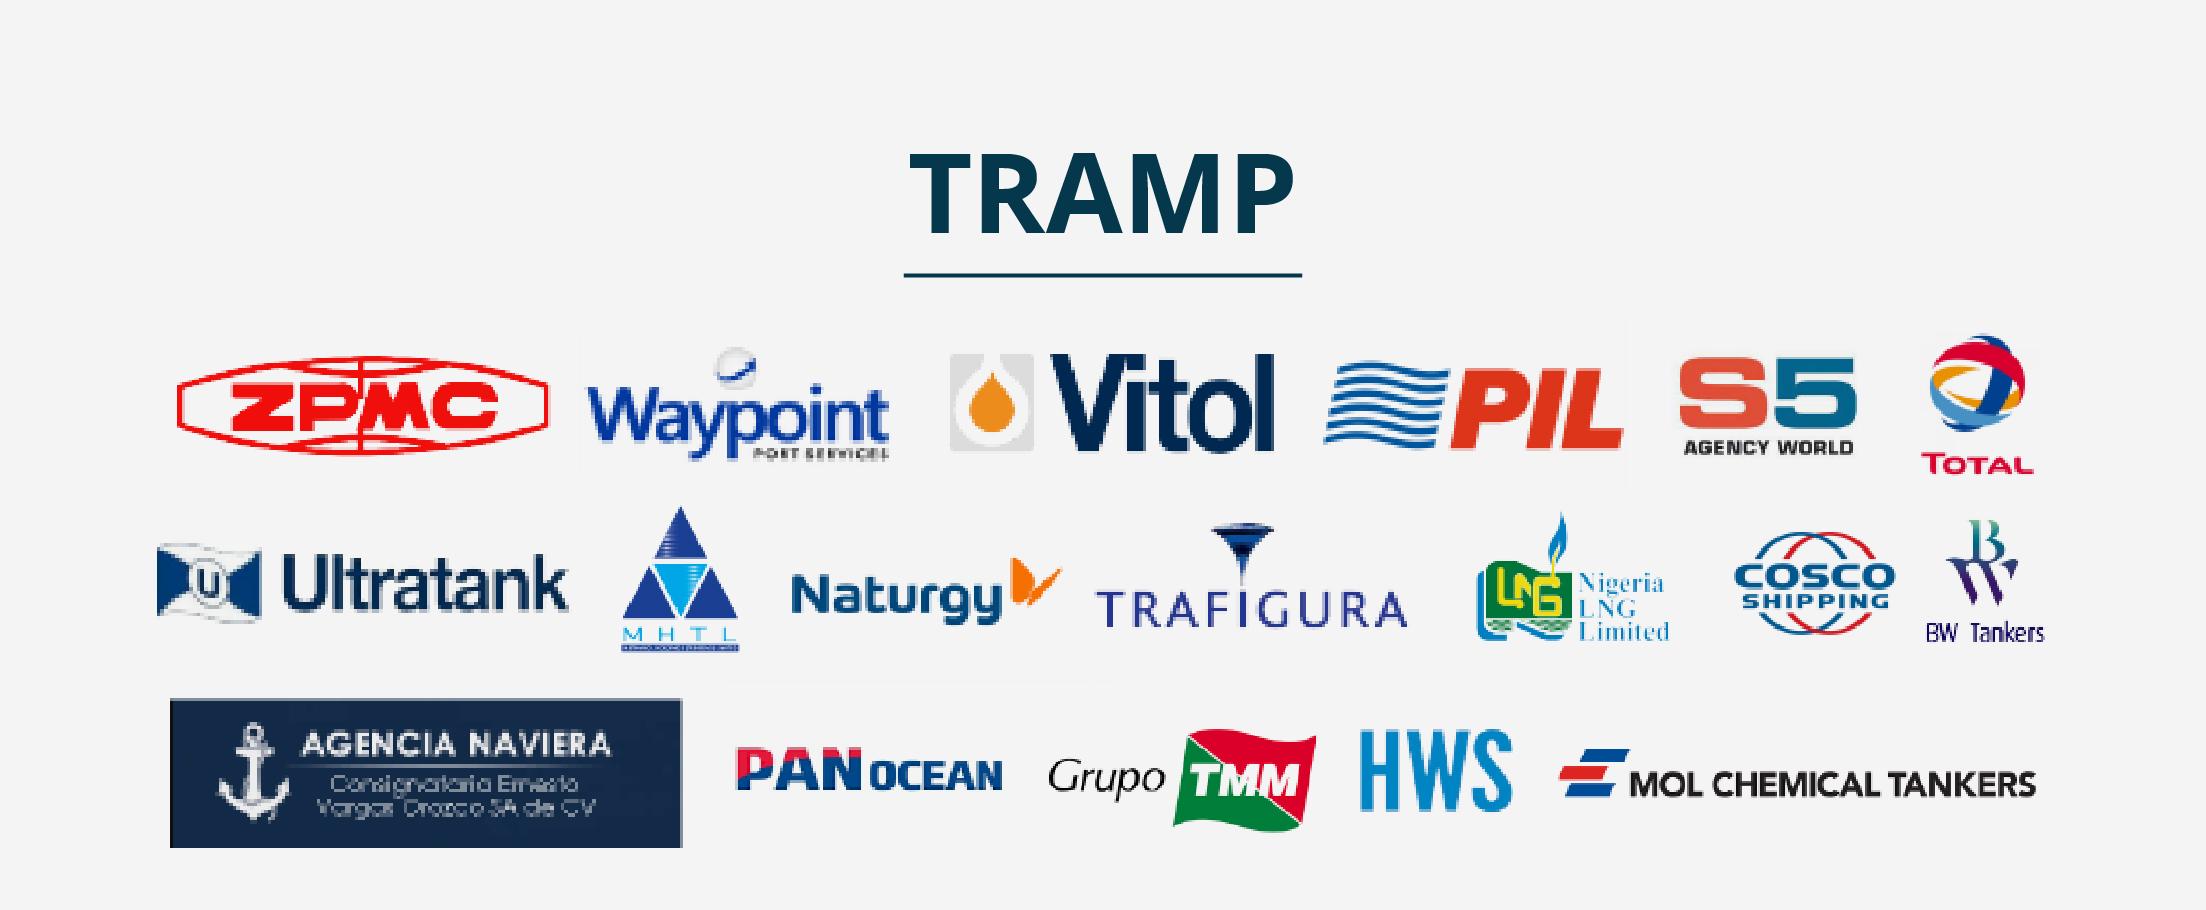 logos tramp_Mesa de trabajo 1